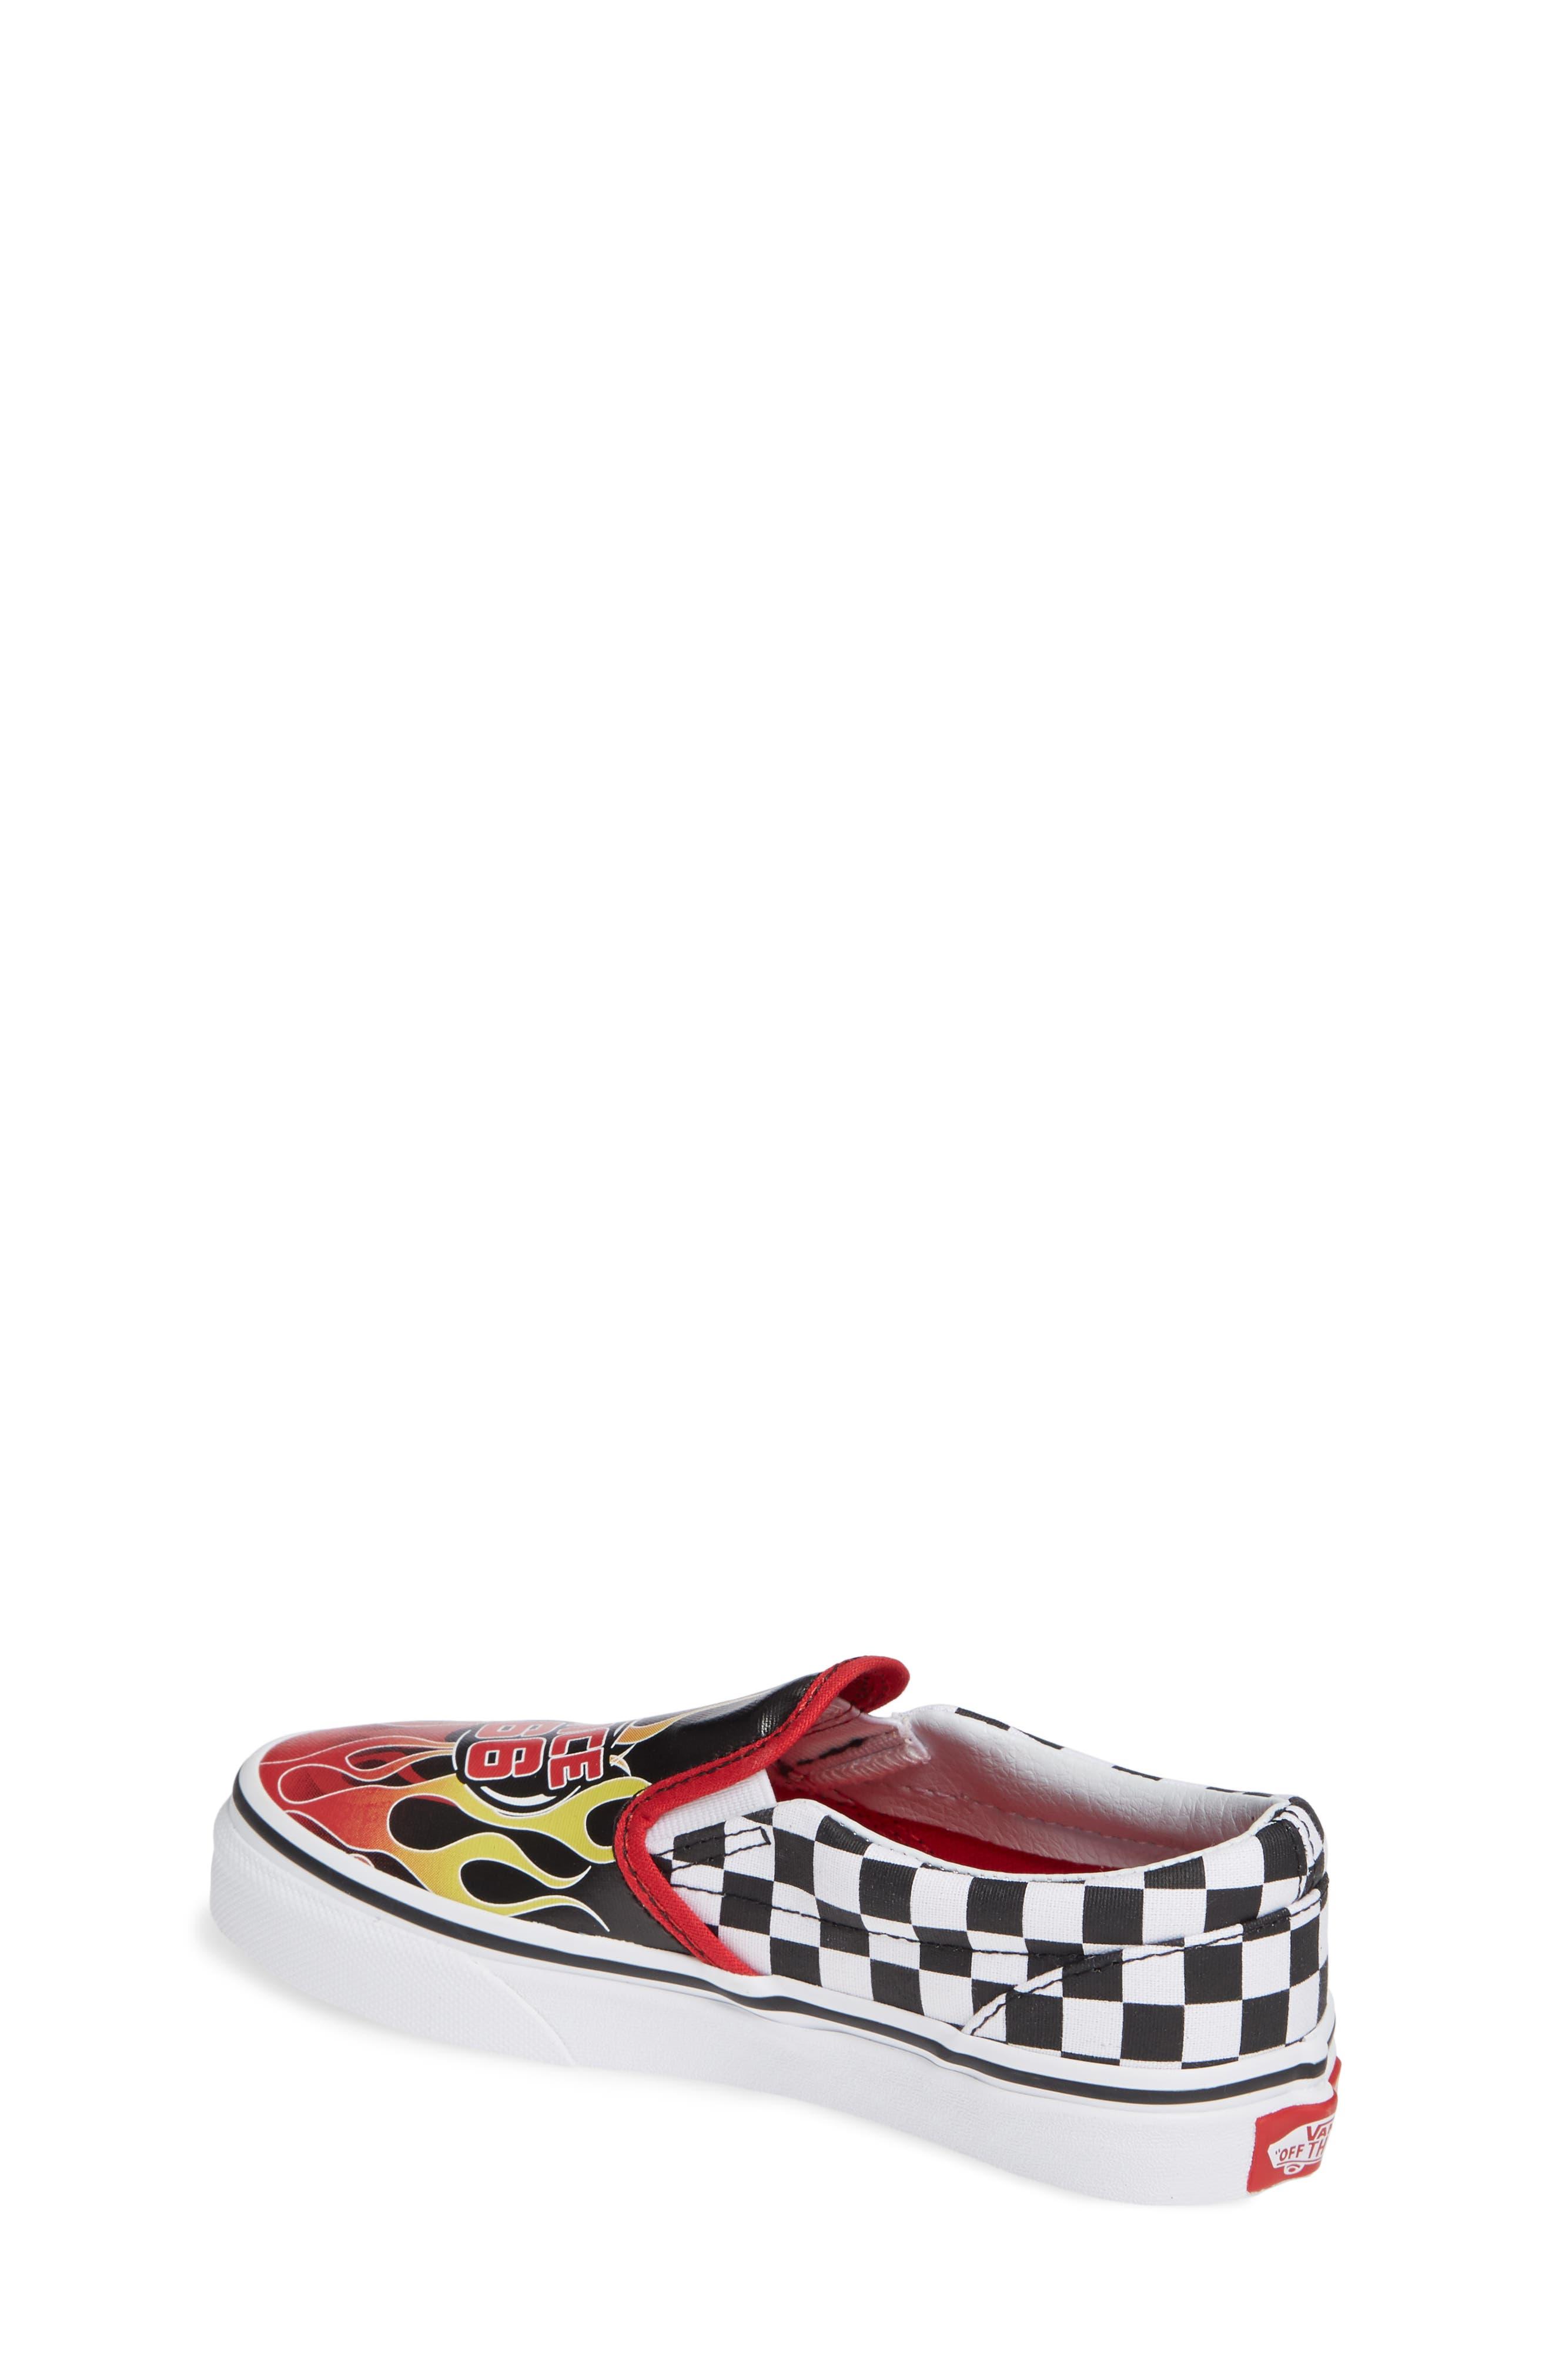 VANS,                             'Classic - Checker' Slip-On,                             Alternate thumbnail 2, color,                             BLACK/ RACING RED/ TRUE WHITE